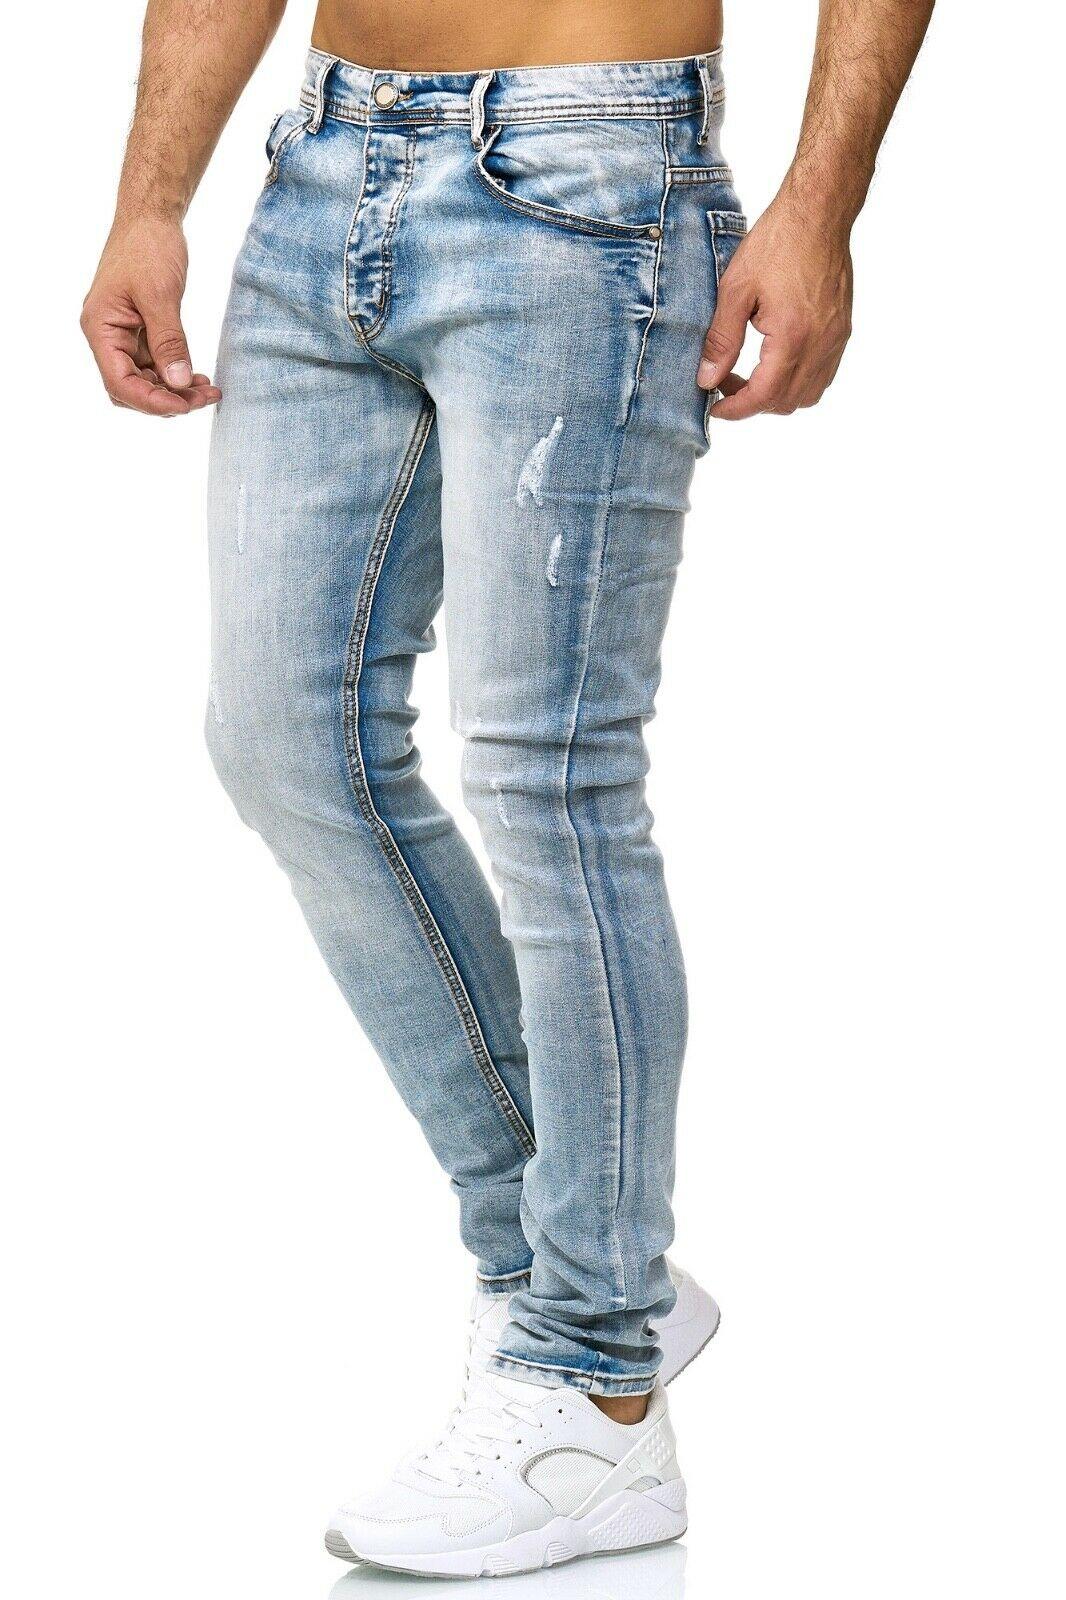 Herren-Jeanshosen-Stretch-Hose-Slim-fit-SKINNY-Jeans-Blau-Schwarz-Grau-Weiss Indexbild 61